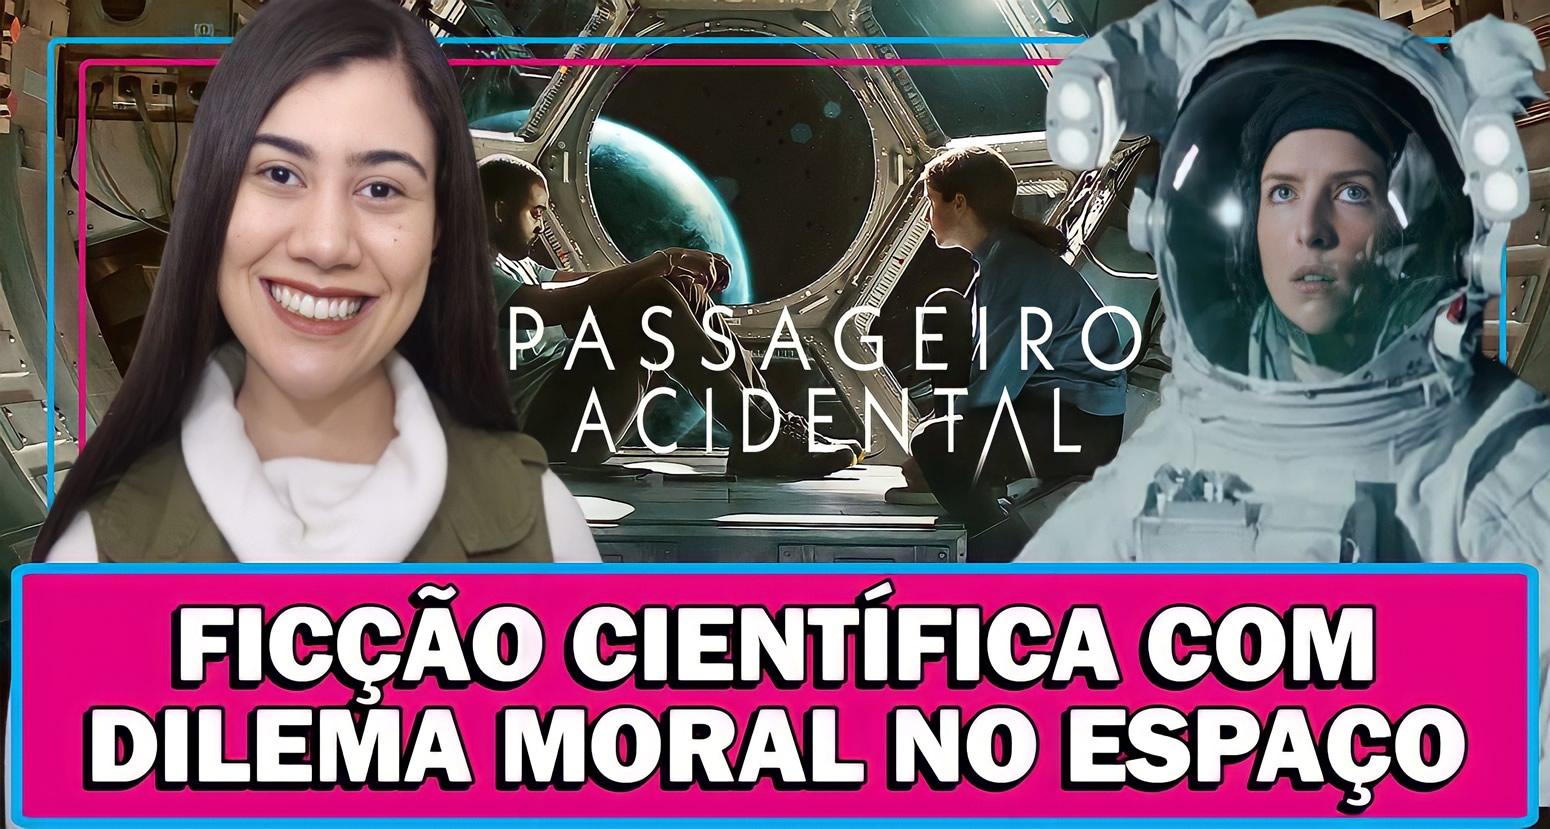 PASSAGEIRO ACIDENTAL | FICÇÃO CIENTÍFICA NO ESPAÇO COM DILEMA MORAL - VEJA ANÁLISE